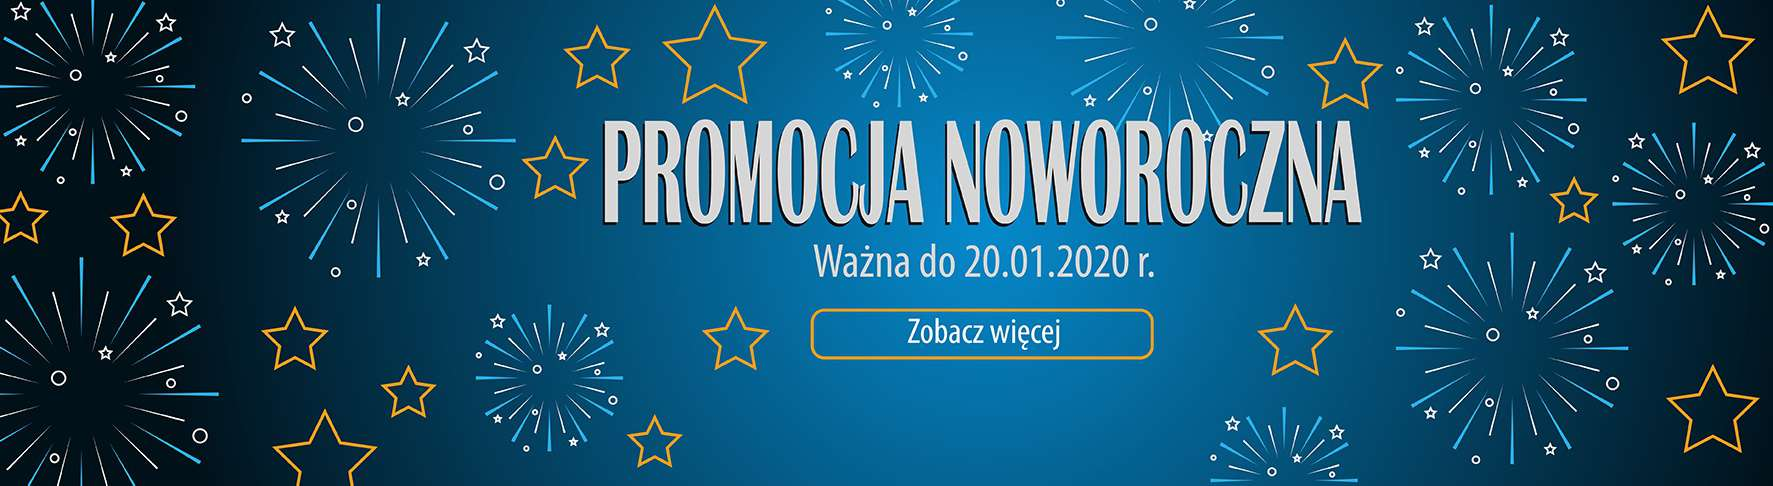 Promocja noworoczna